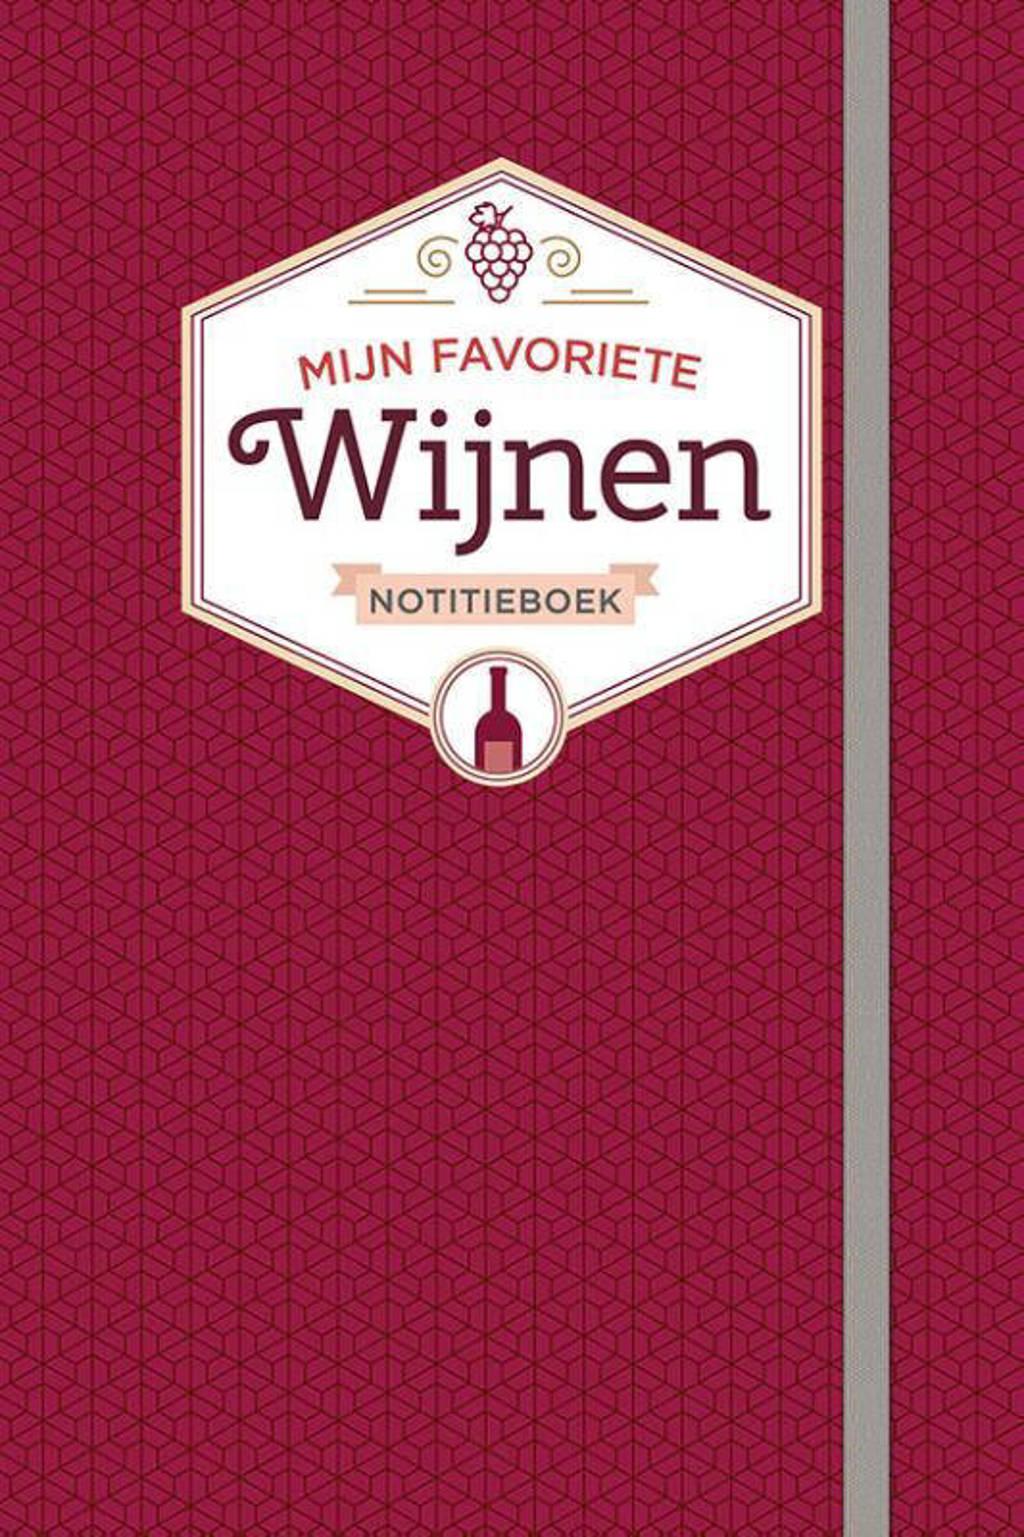 Notitieboek-Mijn favoriete wijnen - ZNU